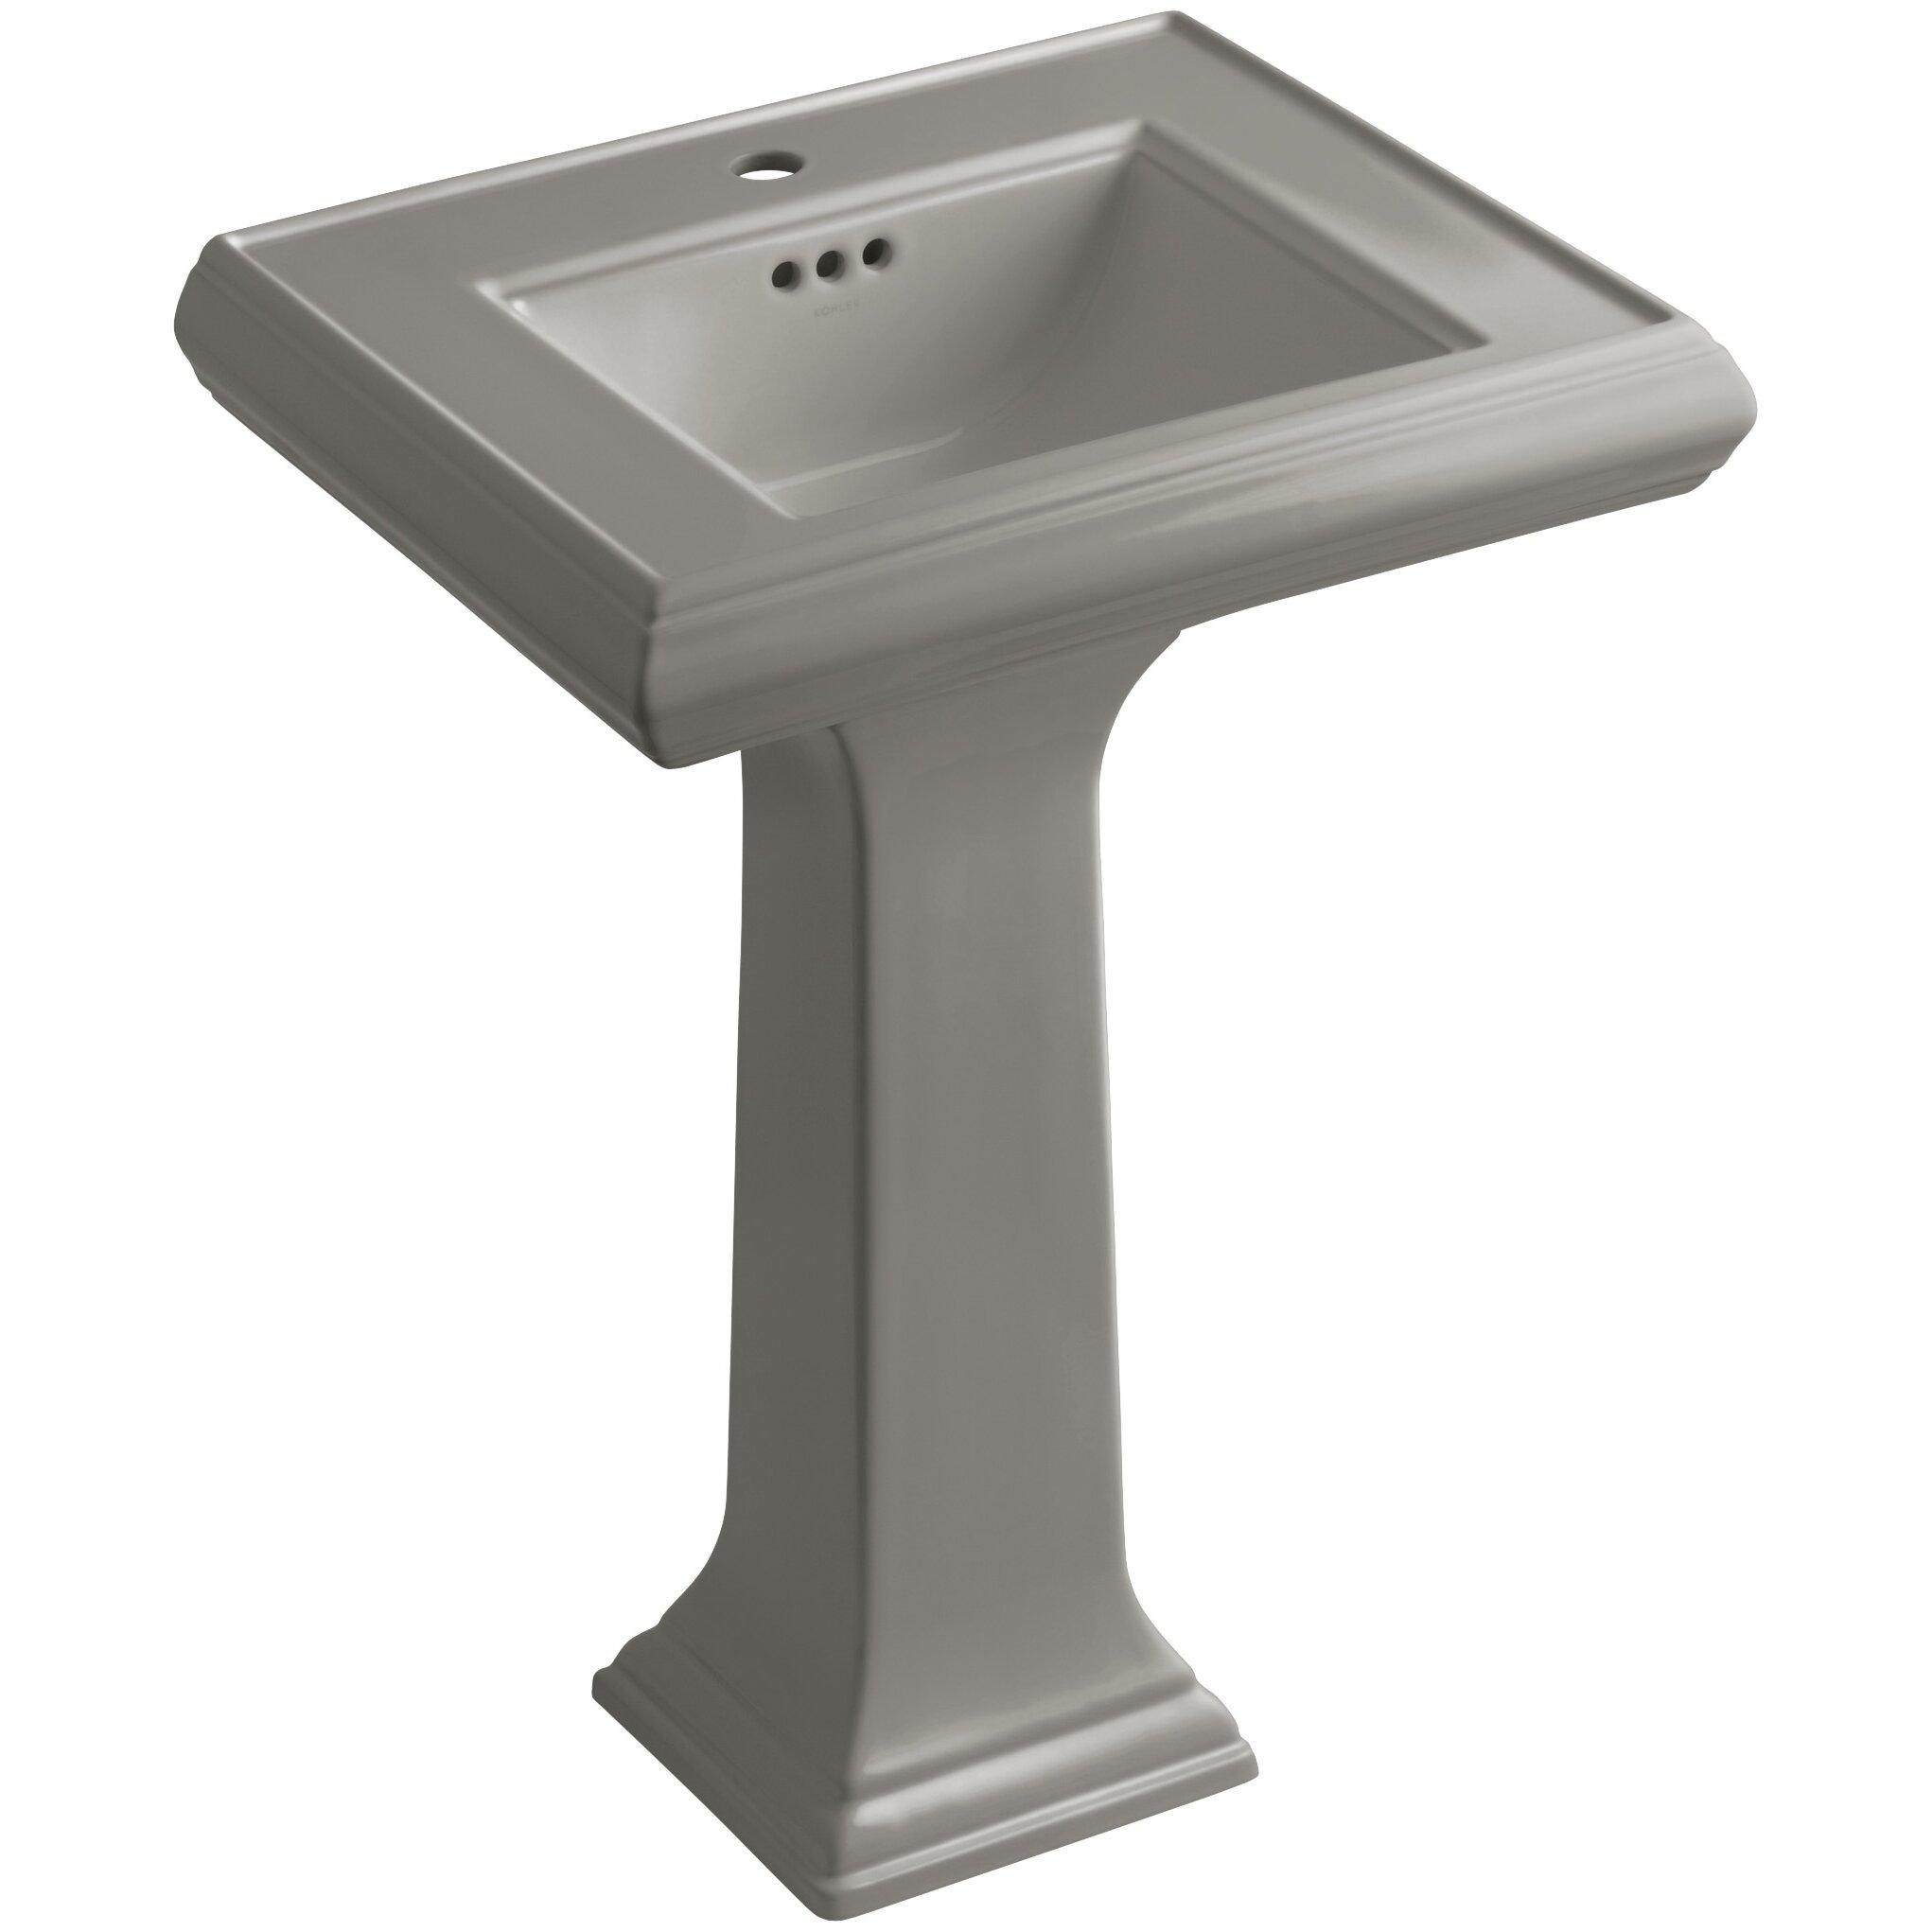 Kohler Memoirs Pedestal Sink : Kohler Memoirs Classic 24